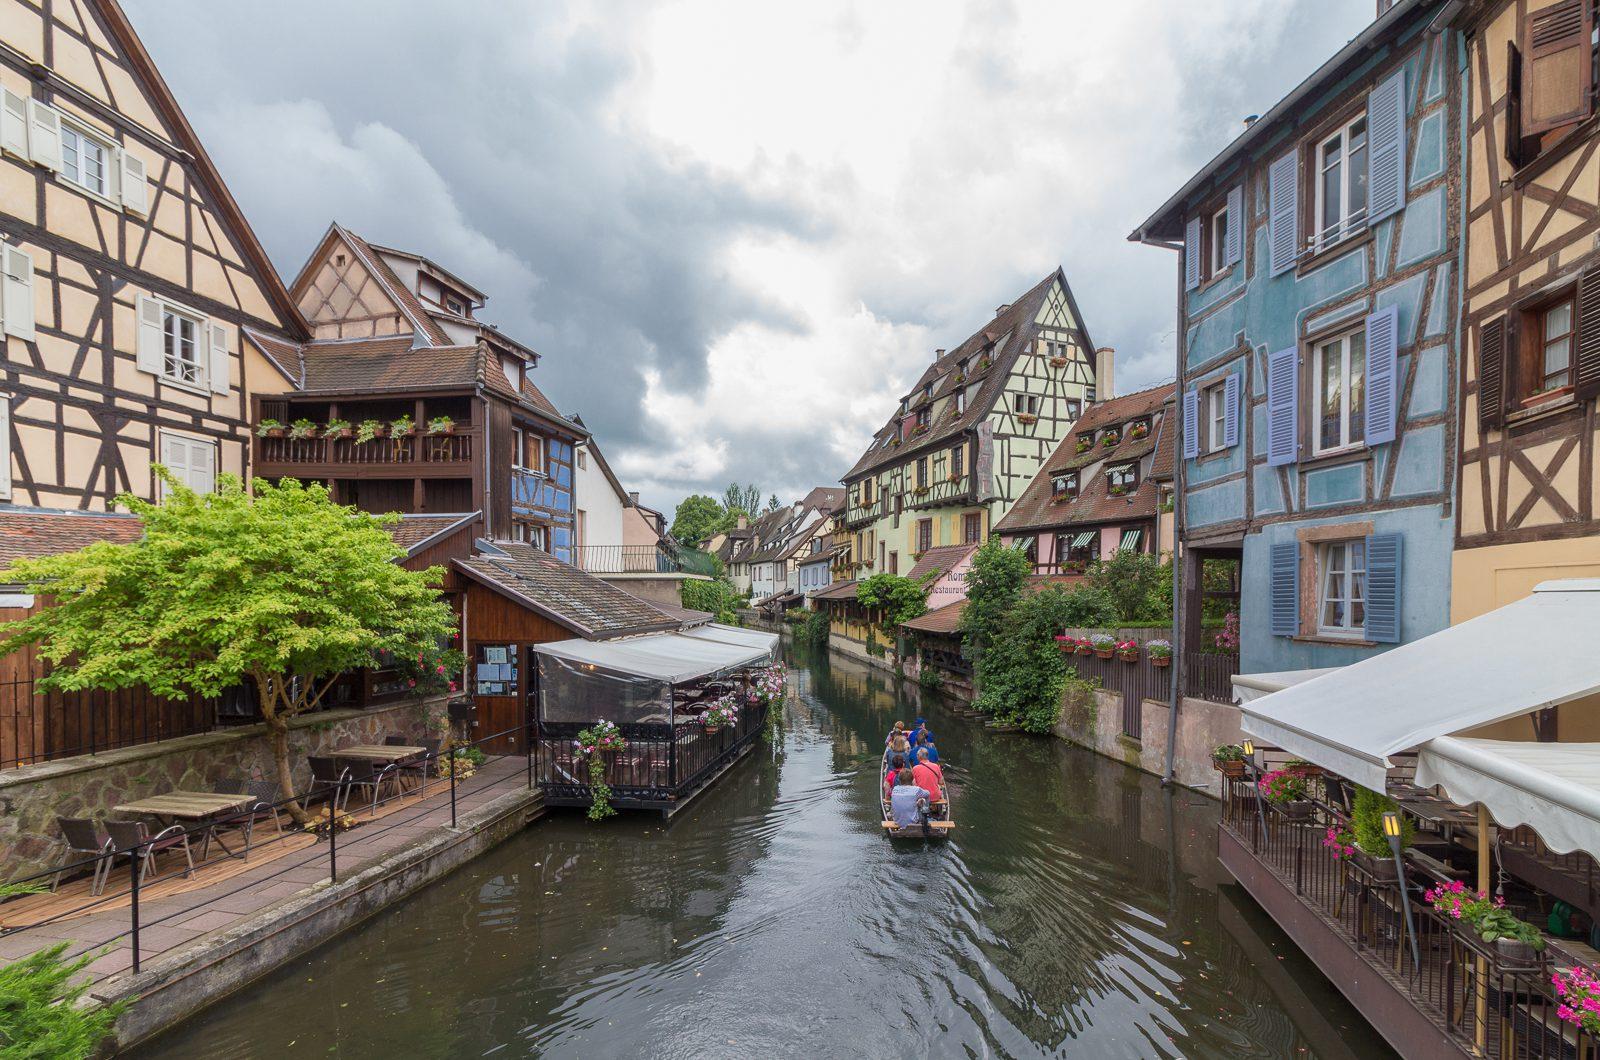 elsass_frankreich_colmar_vielweib_reiseblog-7095